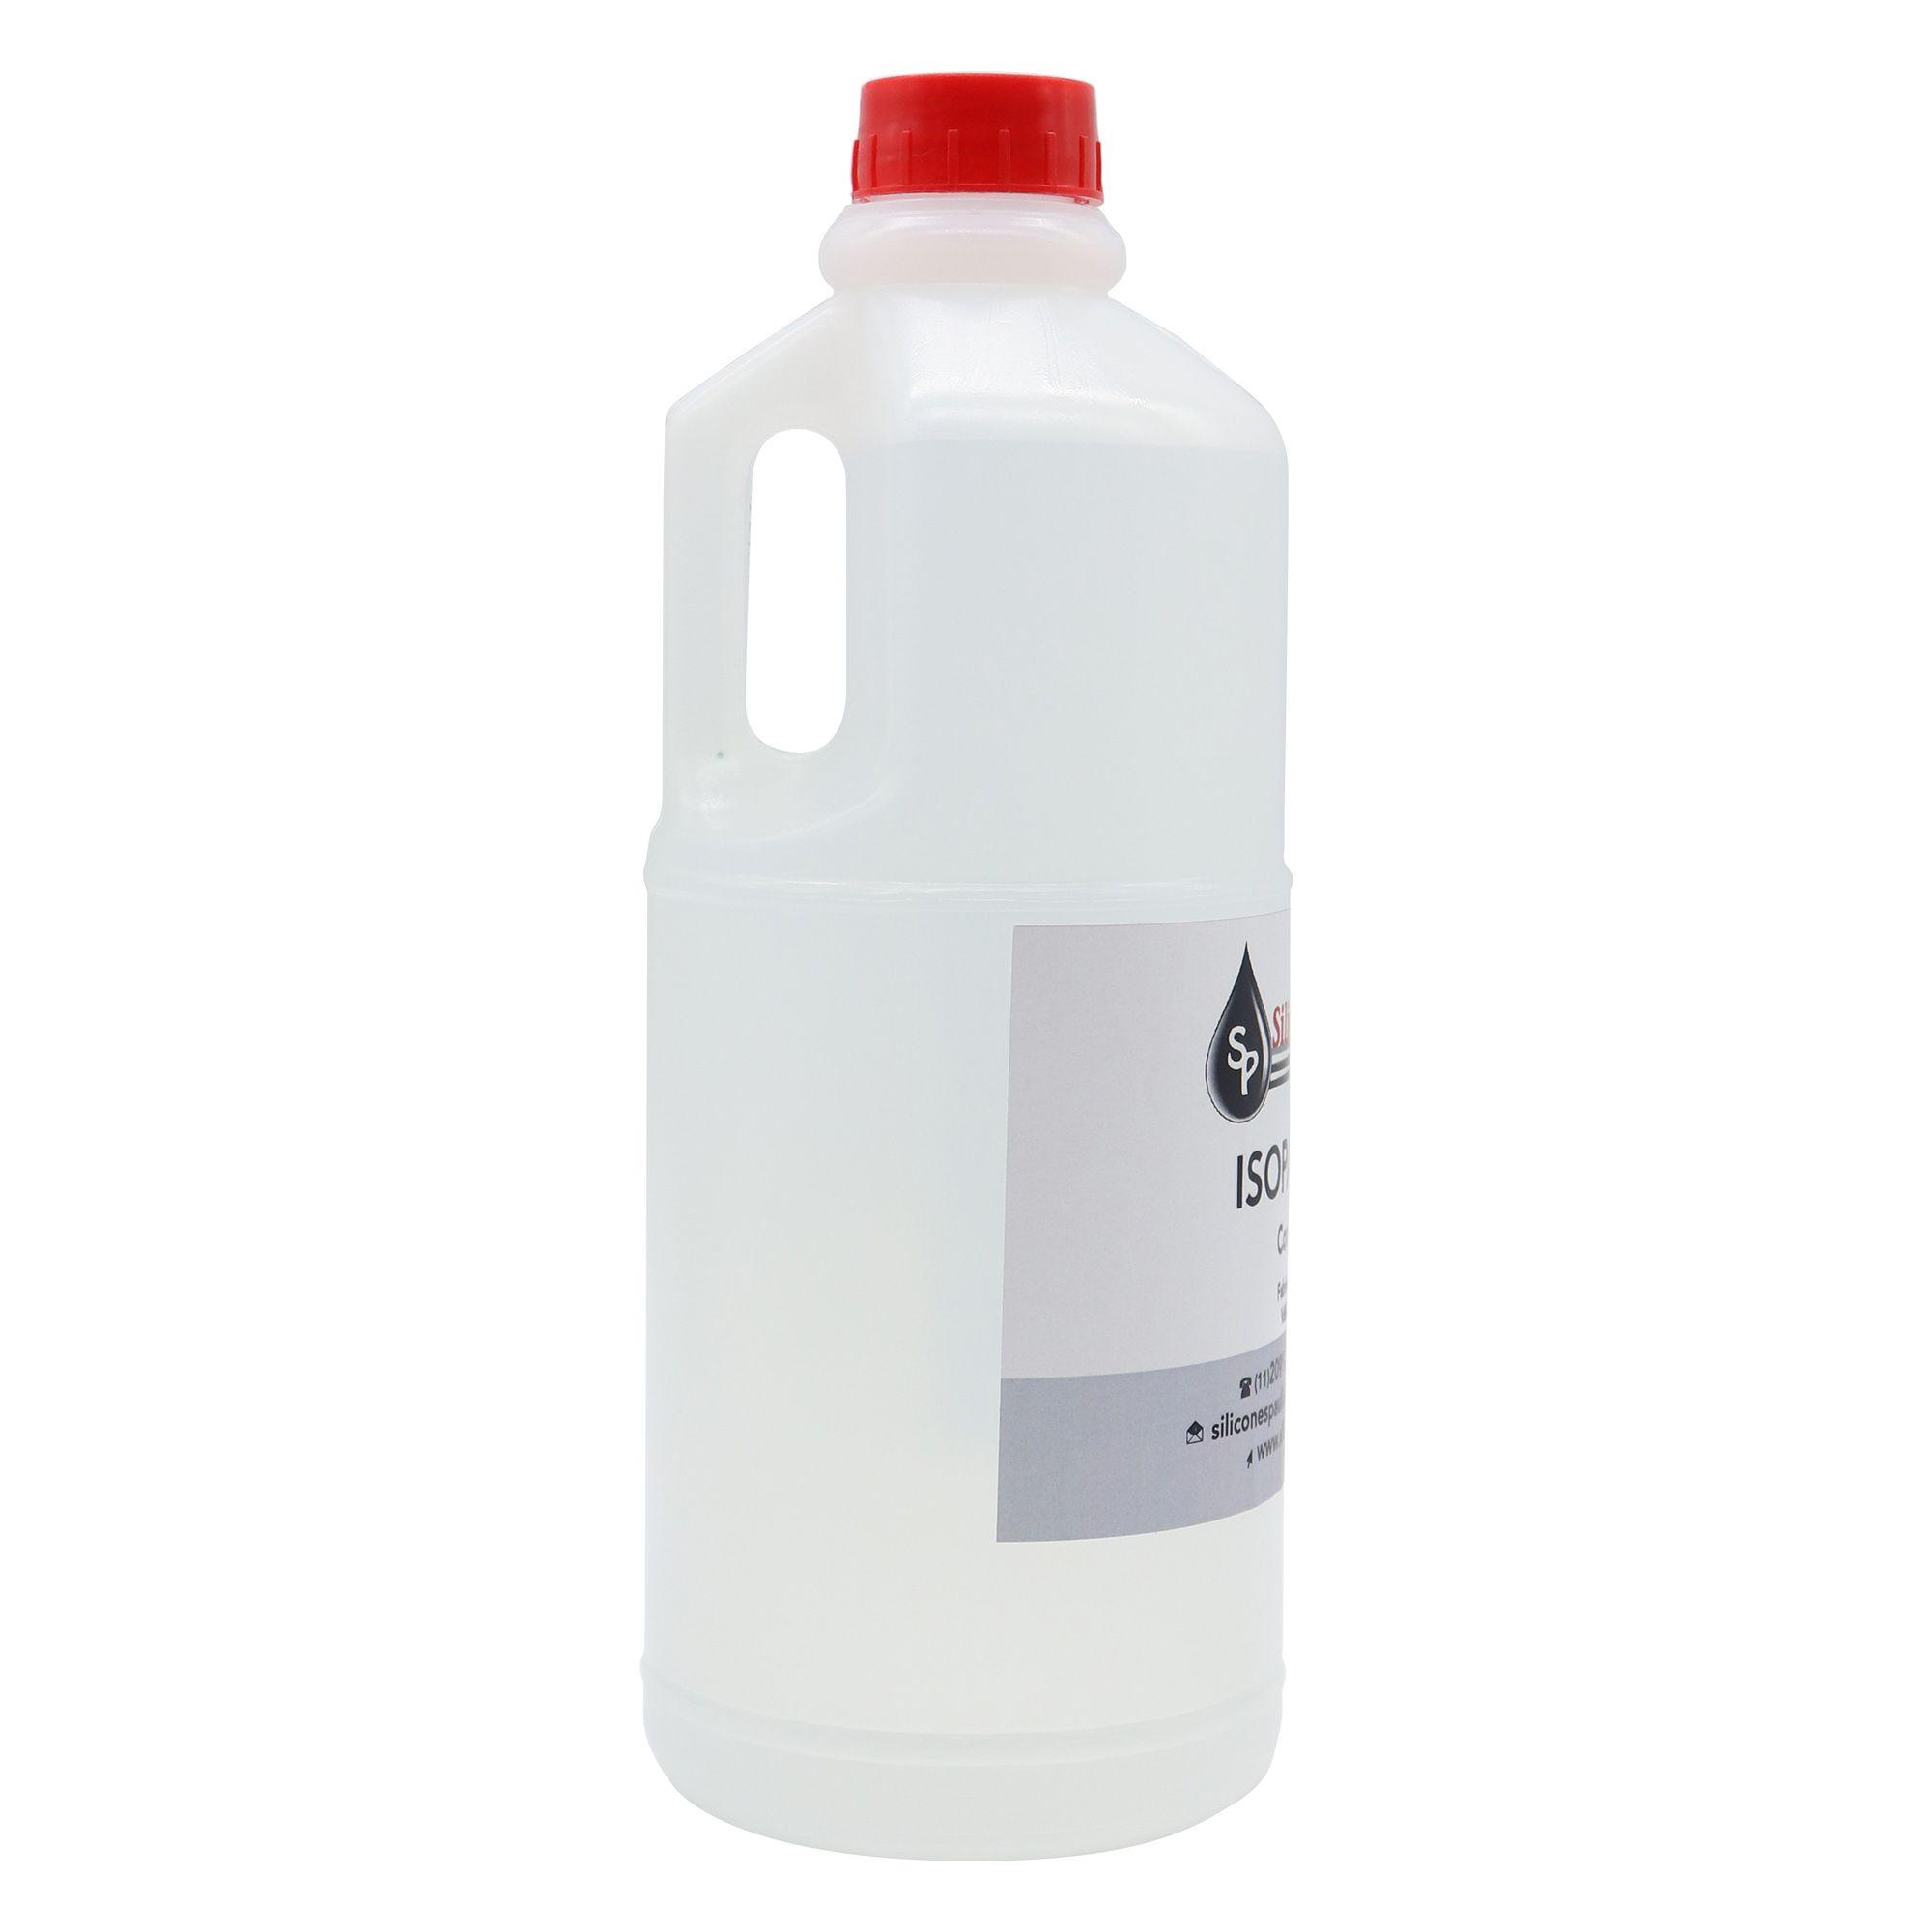 Isoparafina 1L